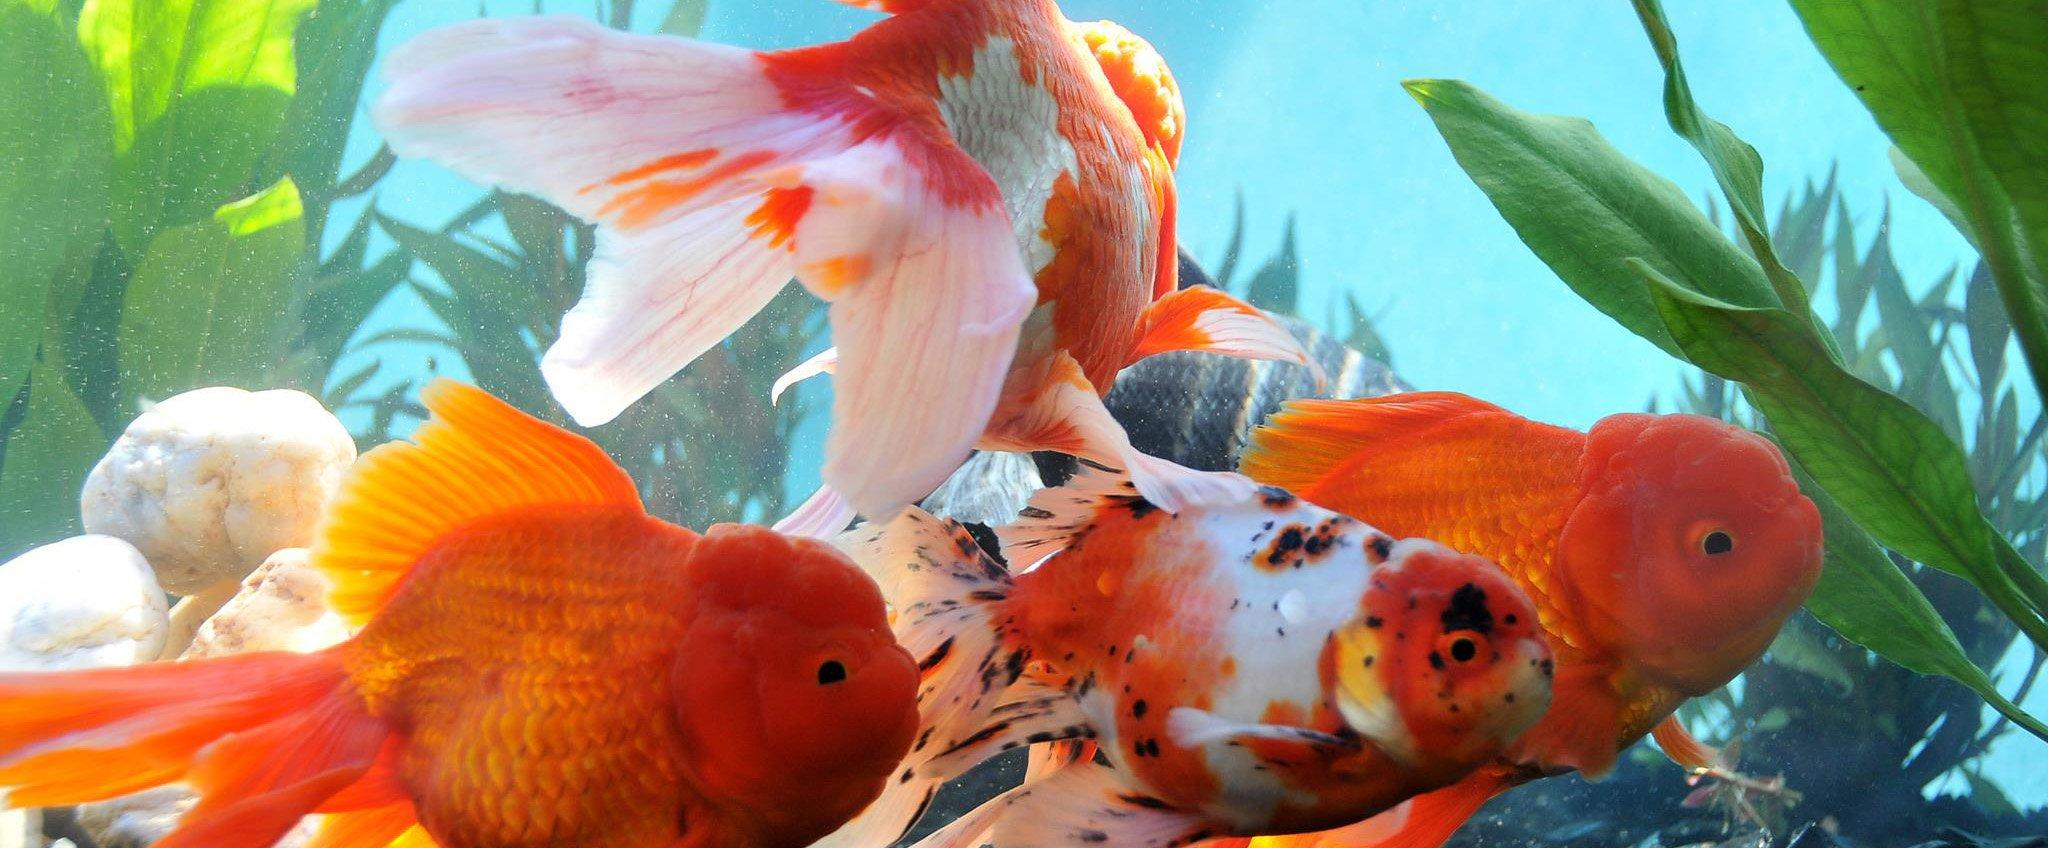 Producci n de peces de ornato radiom s for Como criar peces en casa para consumo